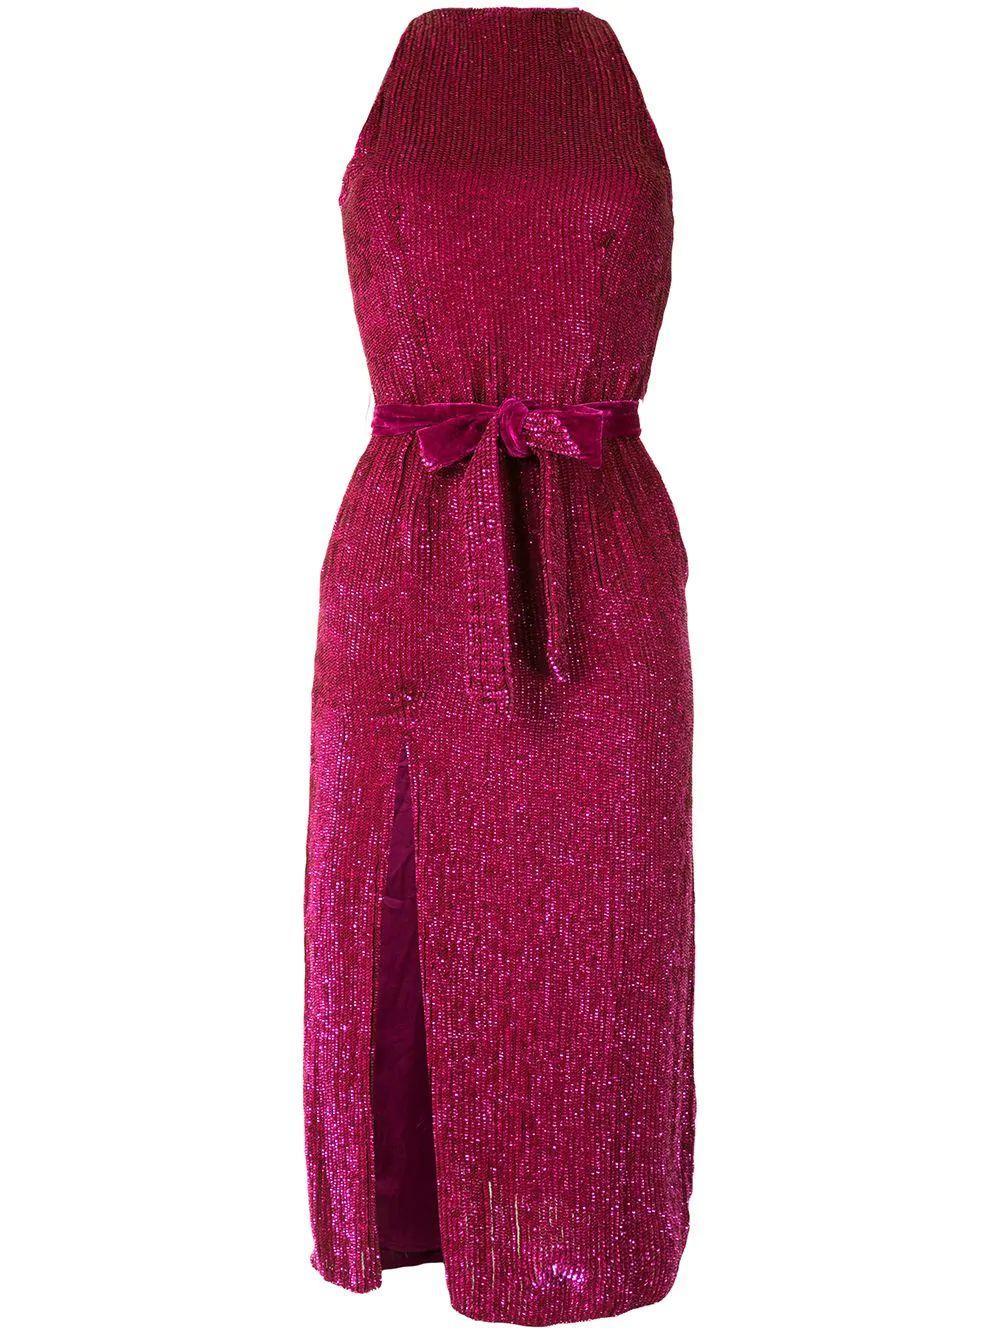 Tilly Sequin Dress